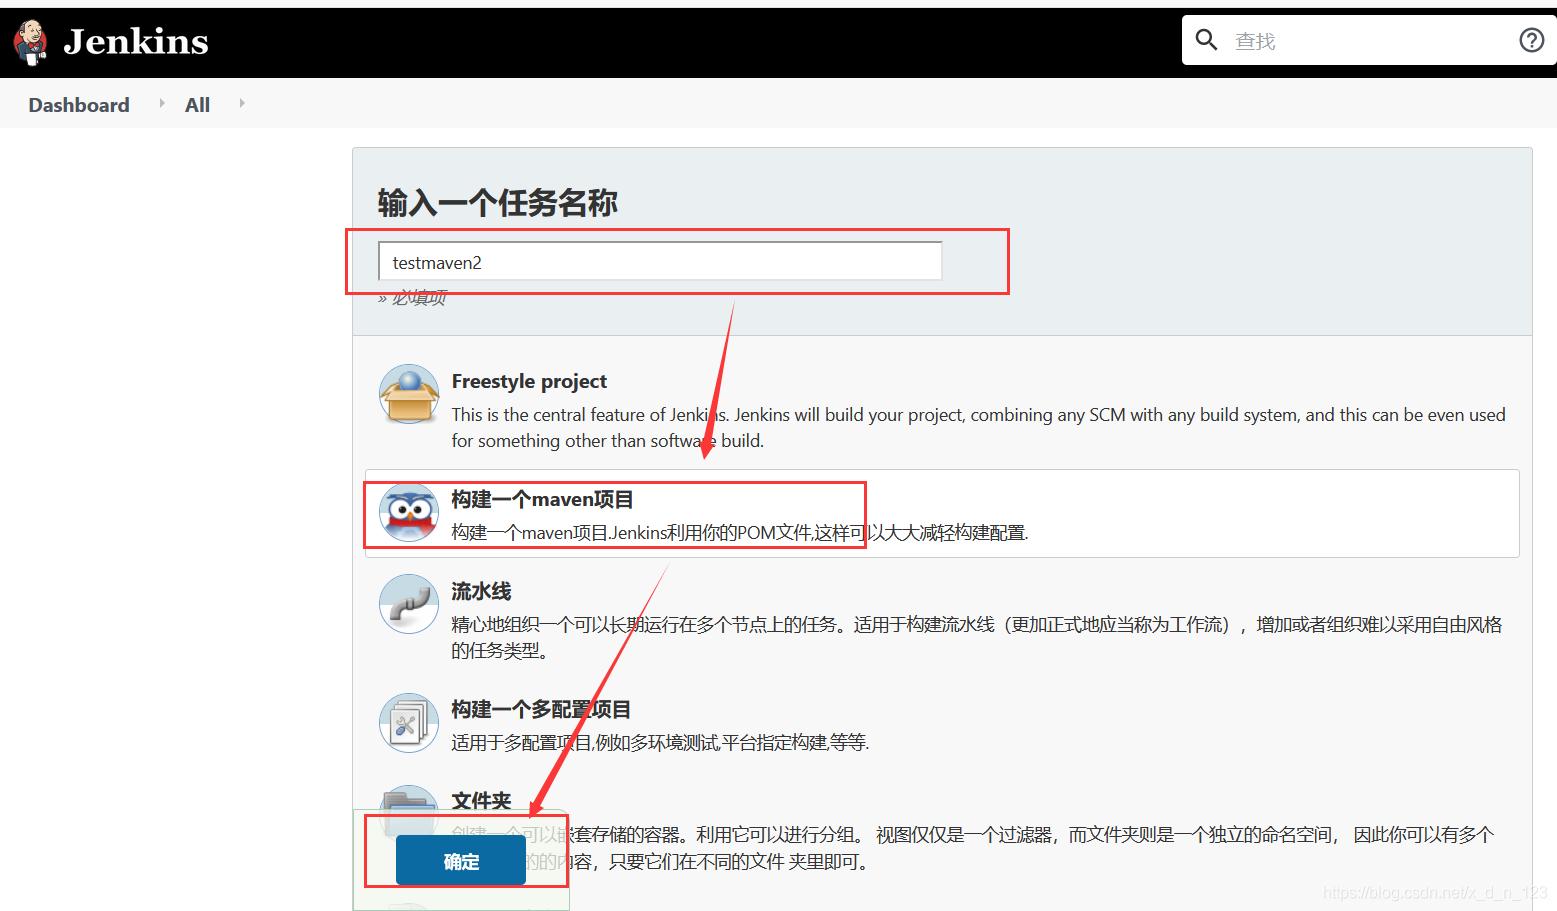 [外链图片转存失败,源站可能有防盗链机制,建议将图片保存下来直接上传(img-Wo5w9mMB-1624539679415)(C:\Users\86187\Desktop\624\assests\thumbnail[5].png)]